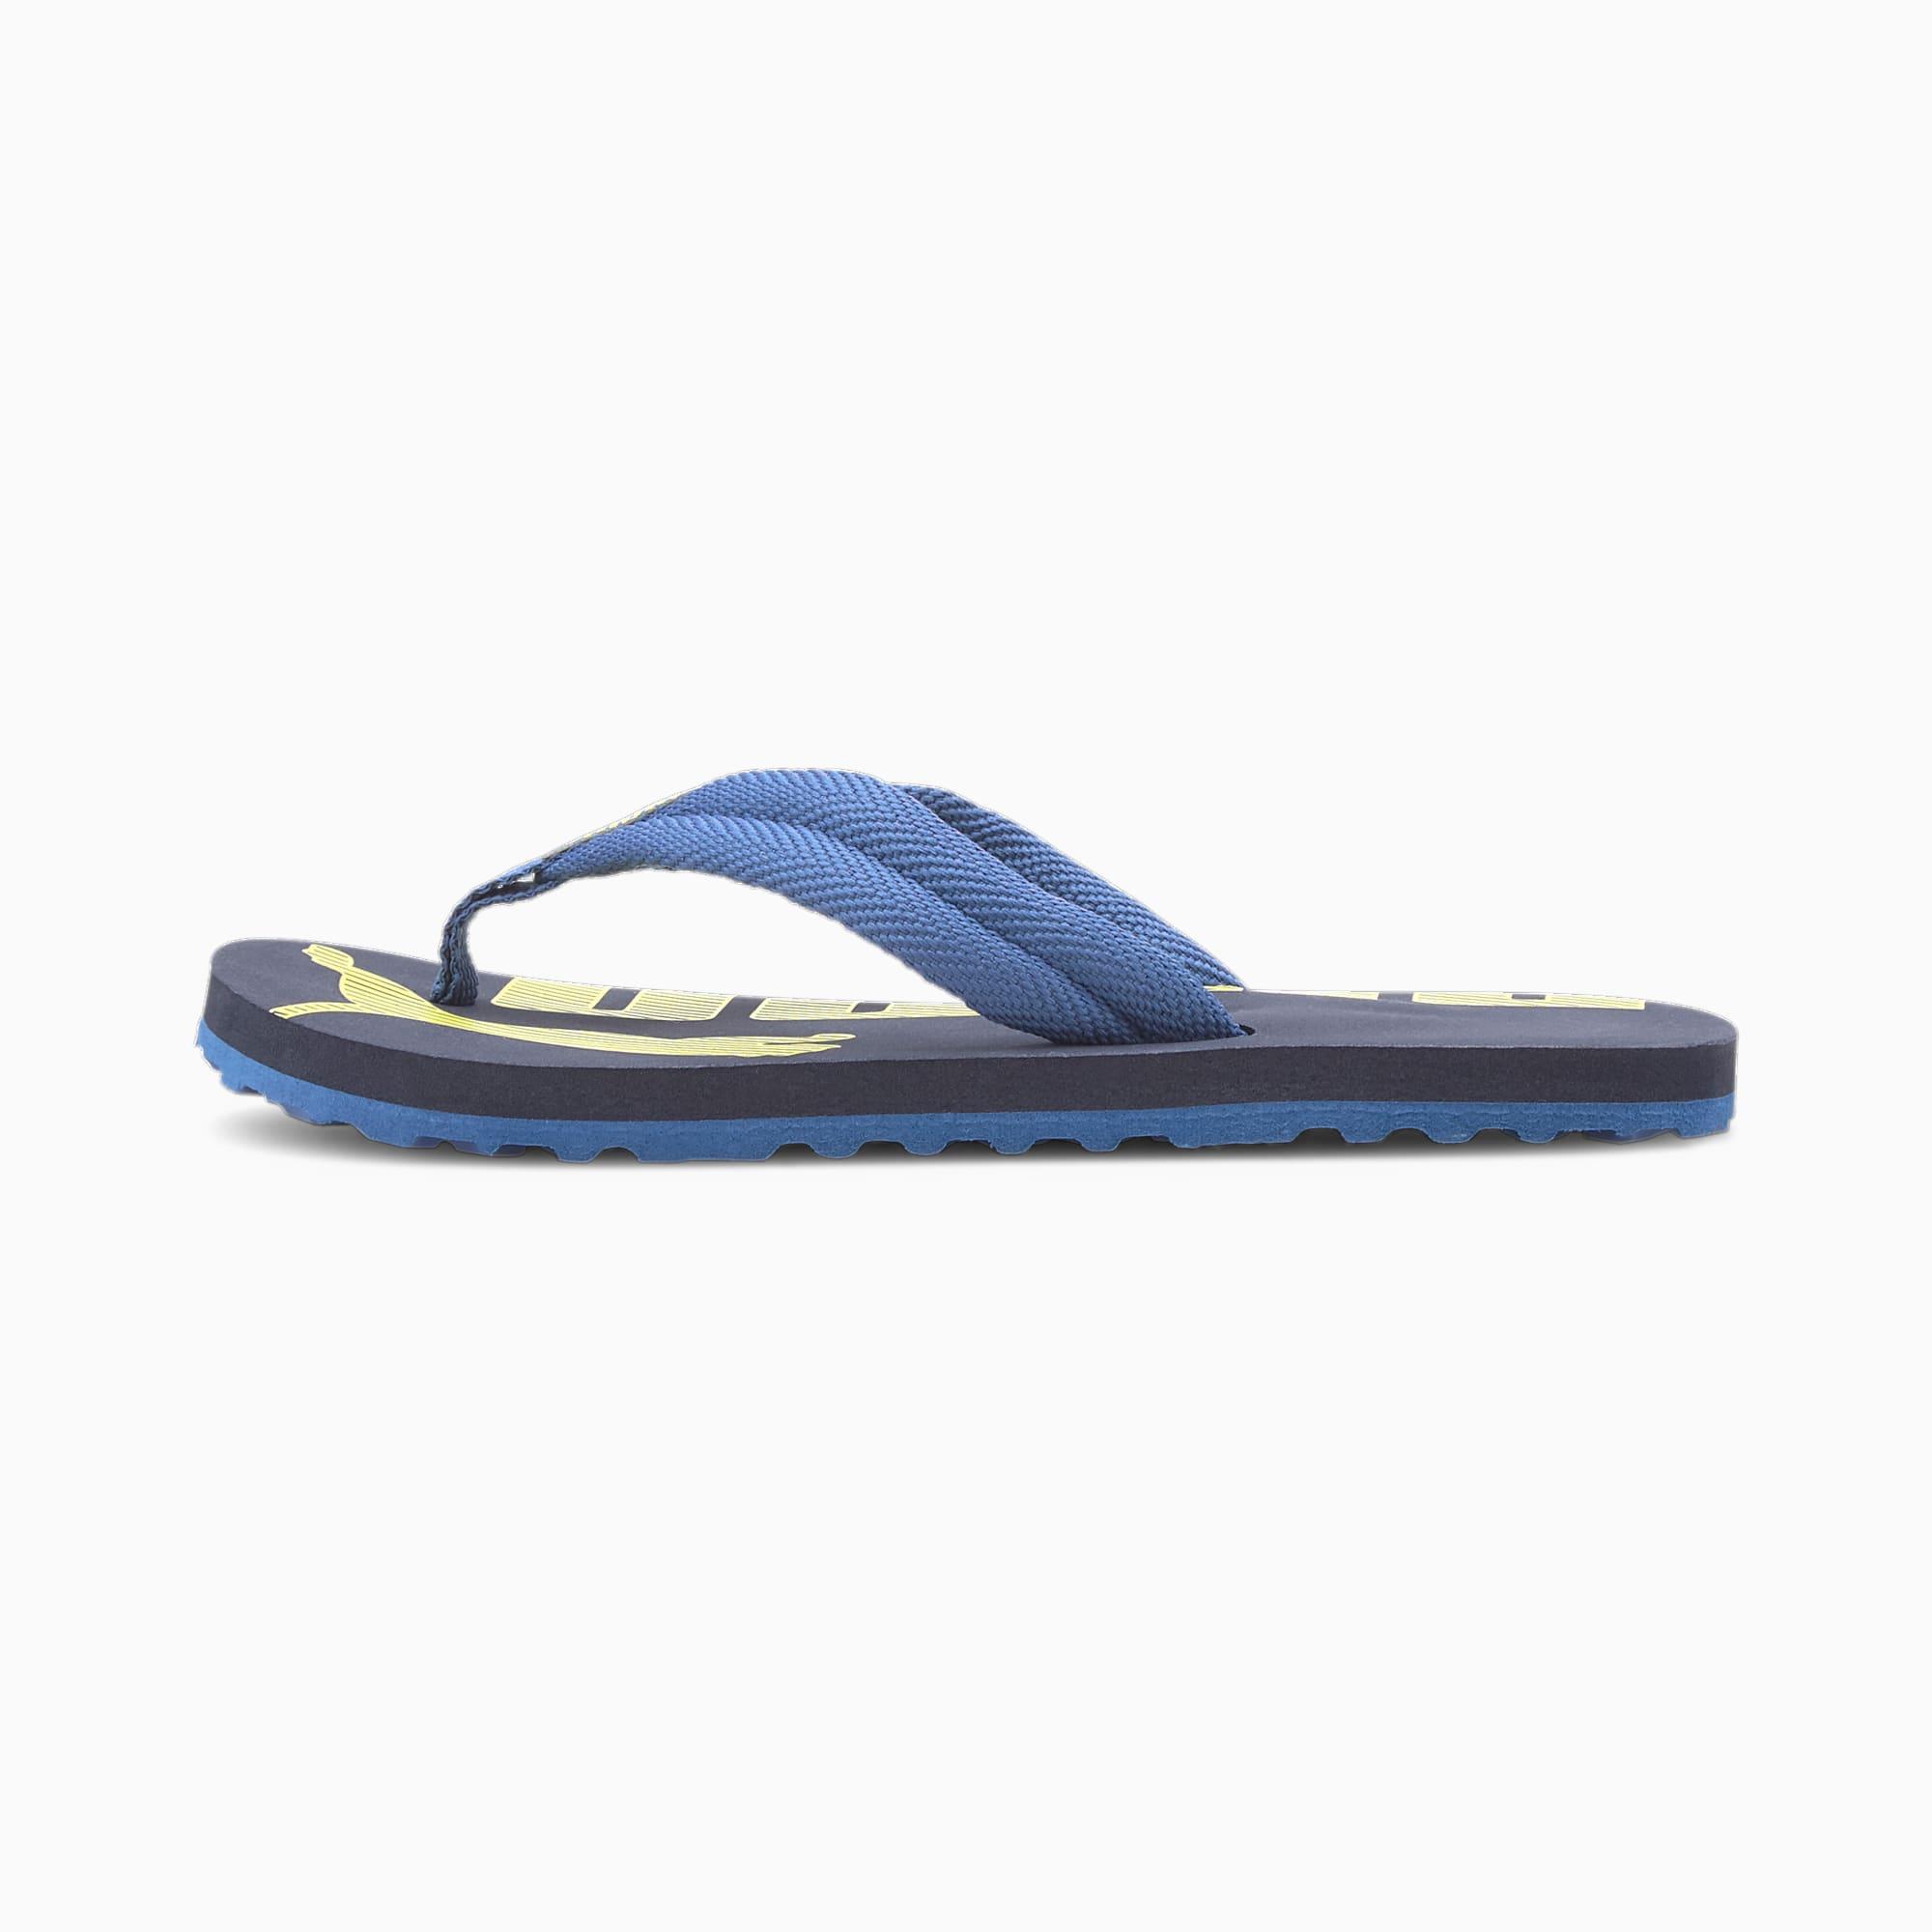 PUMA Chaussure Epic Flip v2 Preschool pour enfants, Bleu, Taille 28, Chaussures